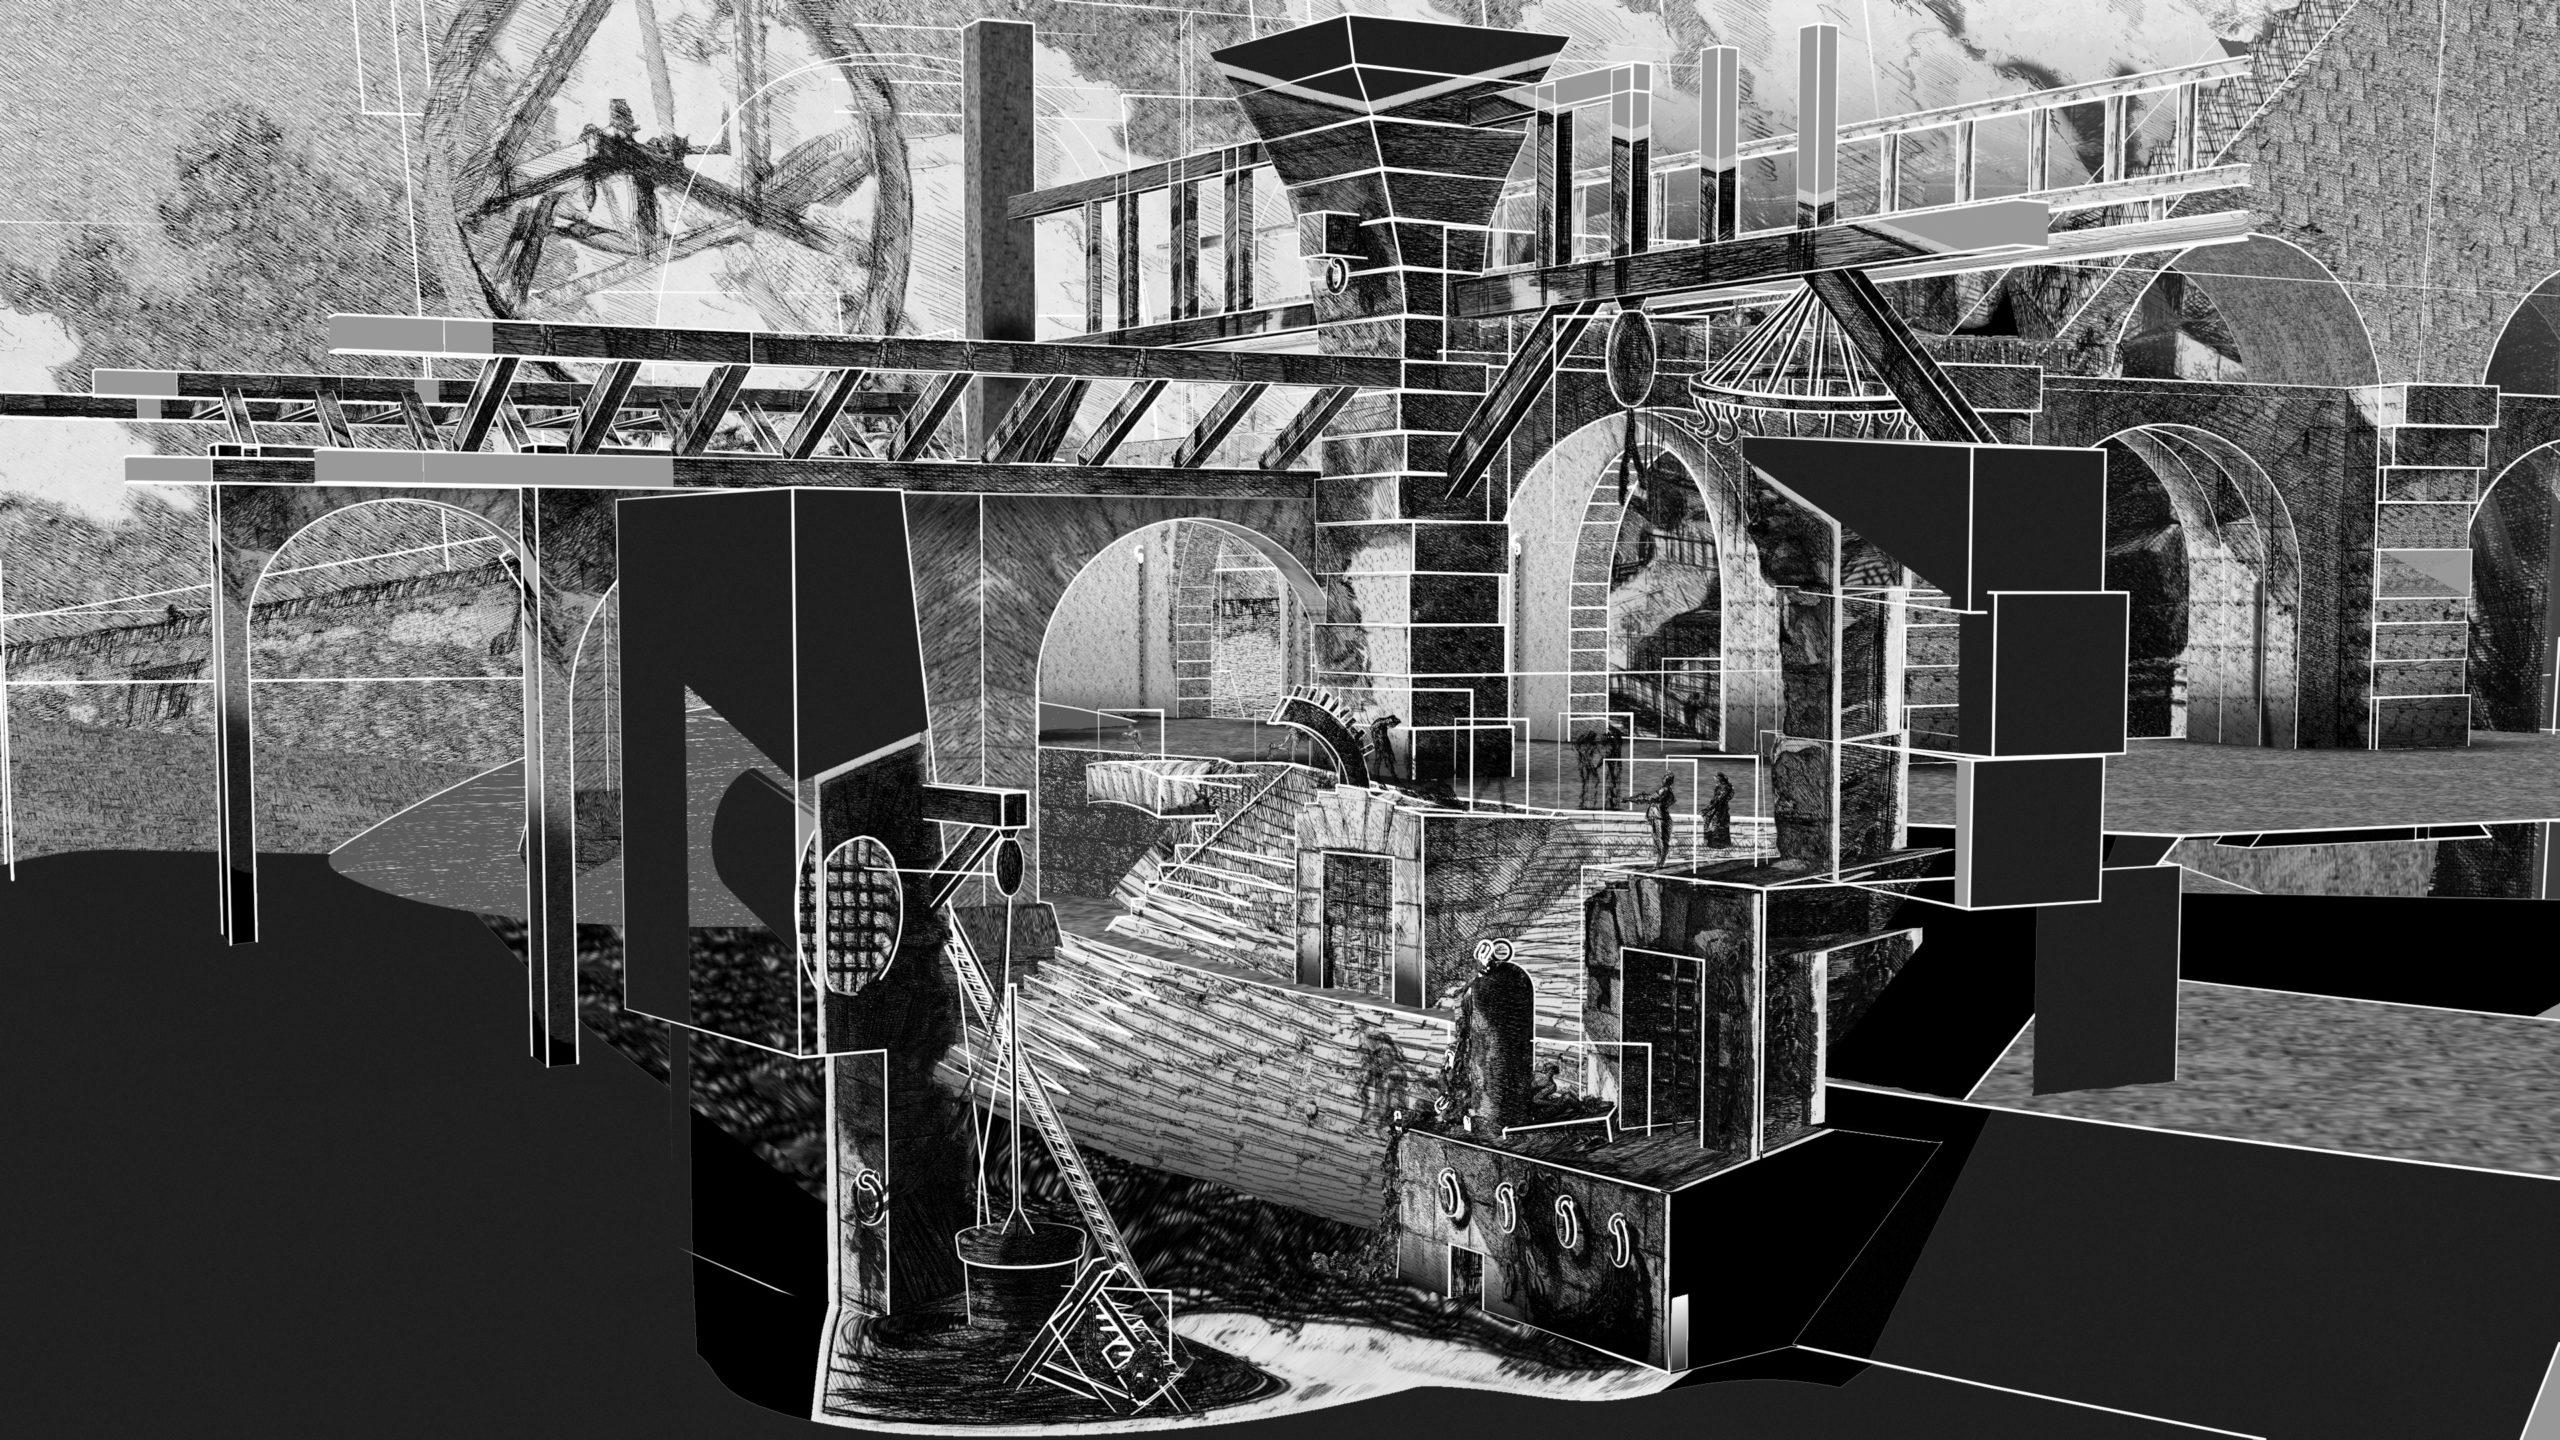 Piranesi Carceri d'Invenzione 3D reconstruction